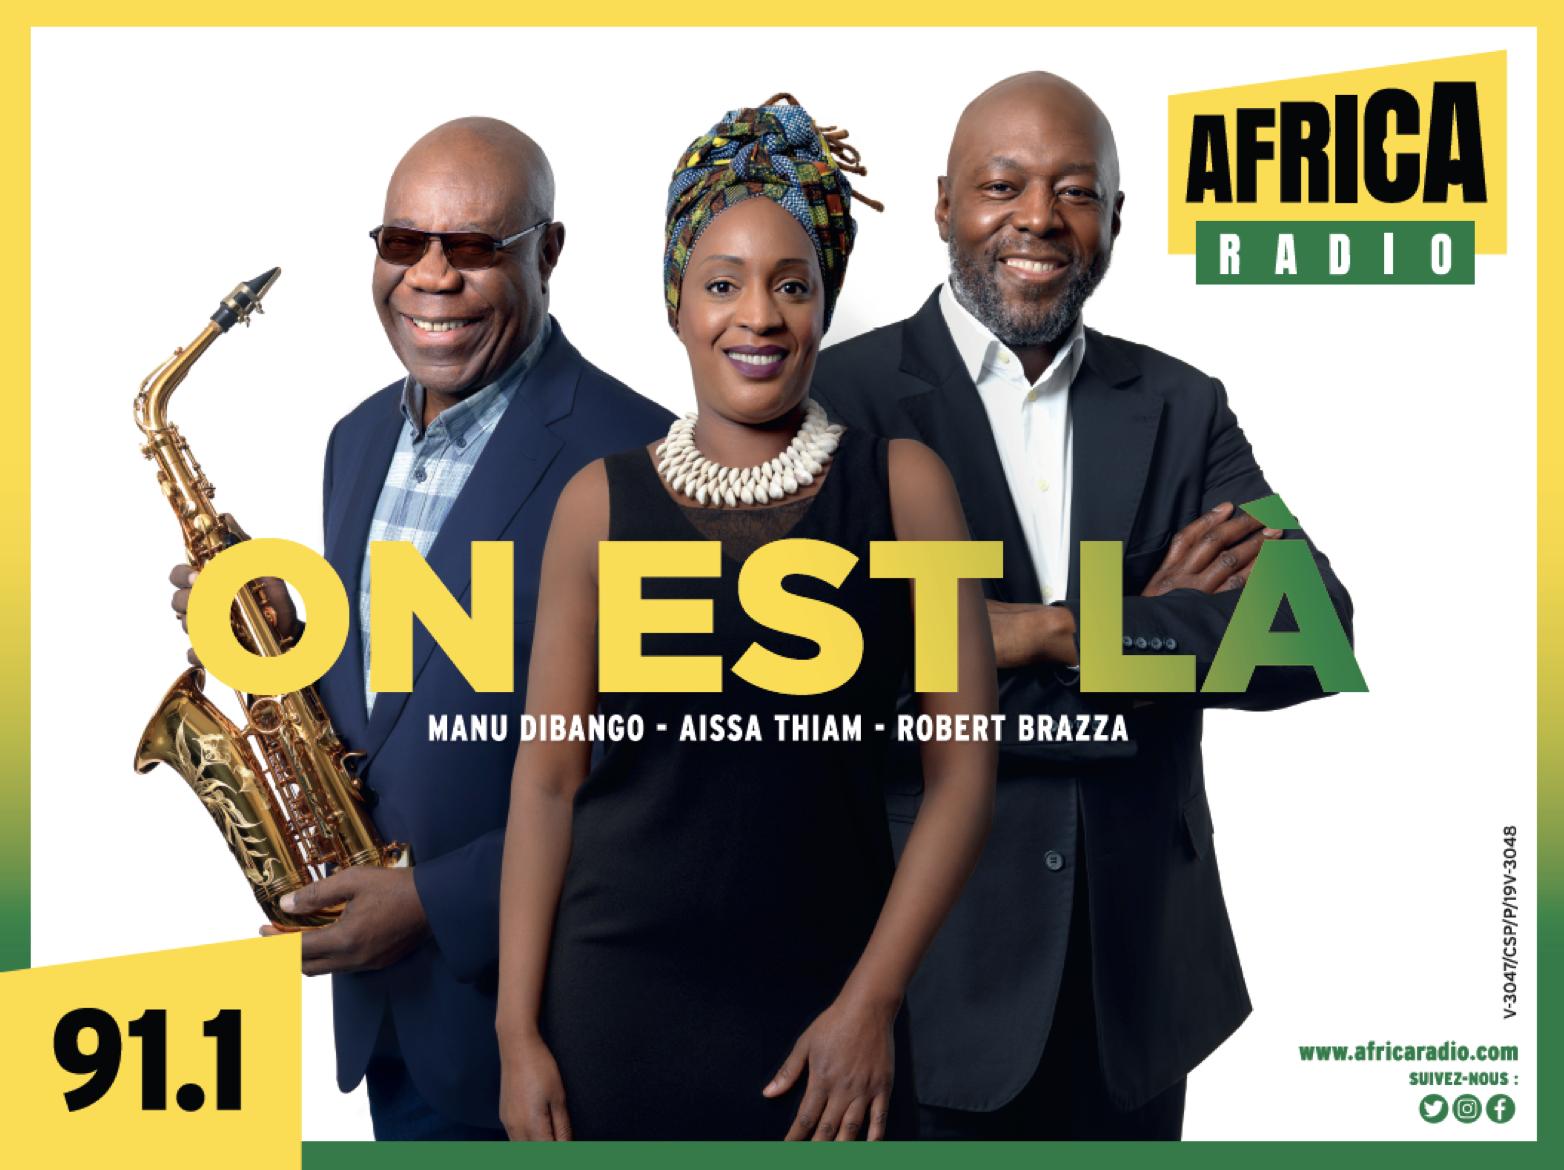 Africa Radio a aussi démarré parallèlement une campagne d'affiches à Abidjan pour annoncer son arrivée sur le fréquence 91.1 FM